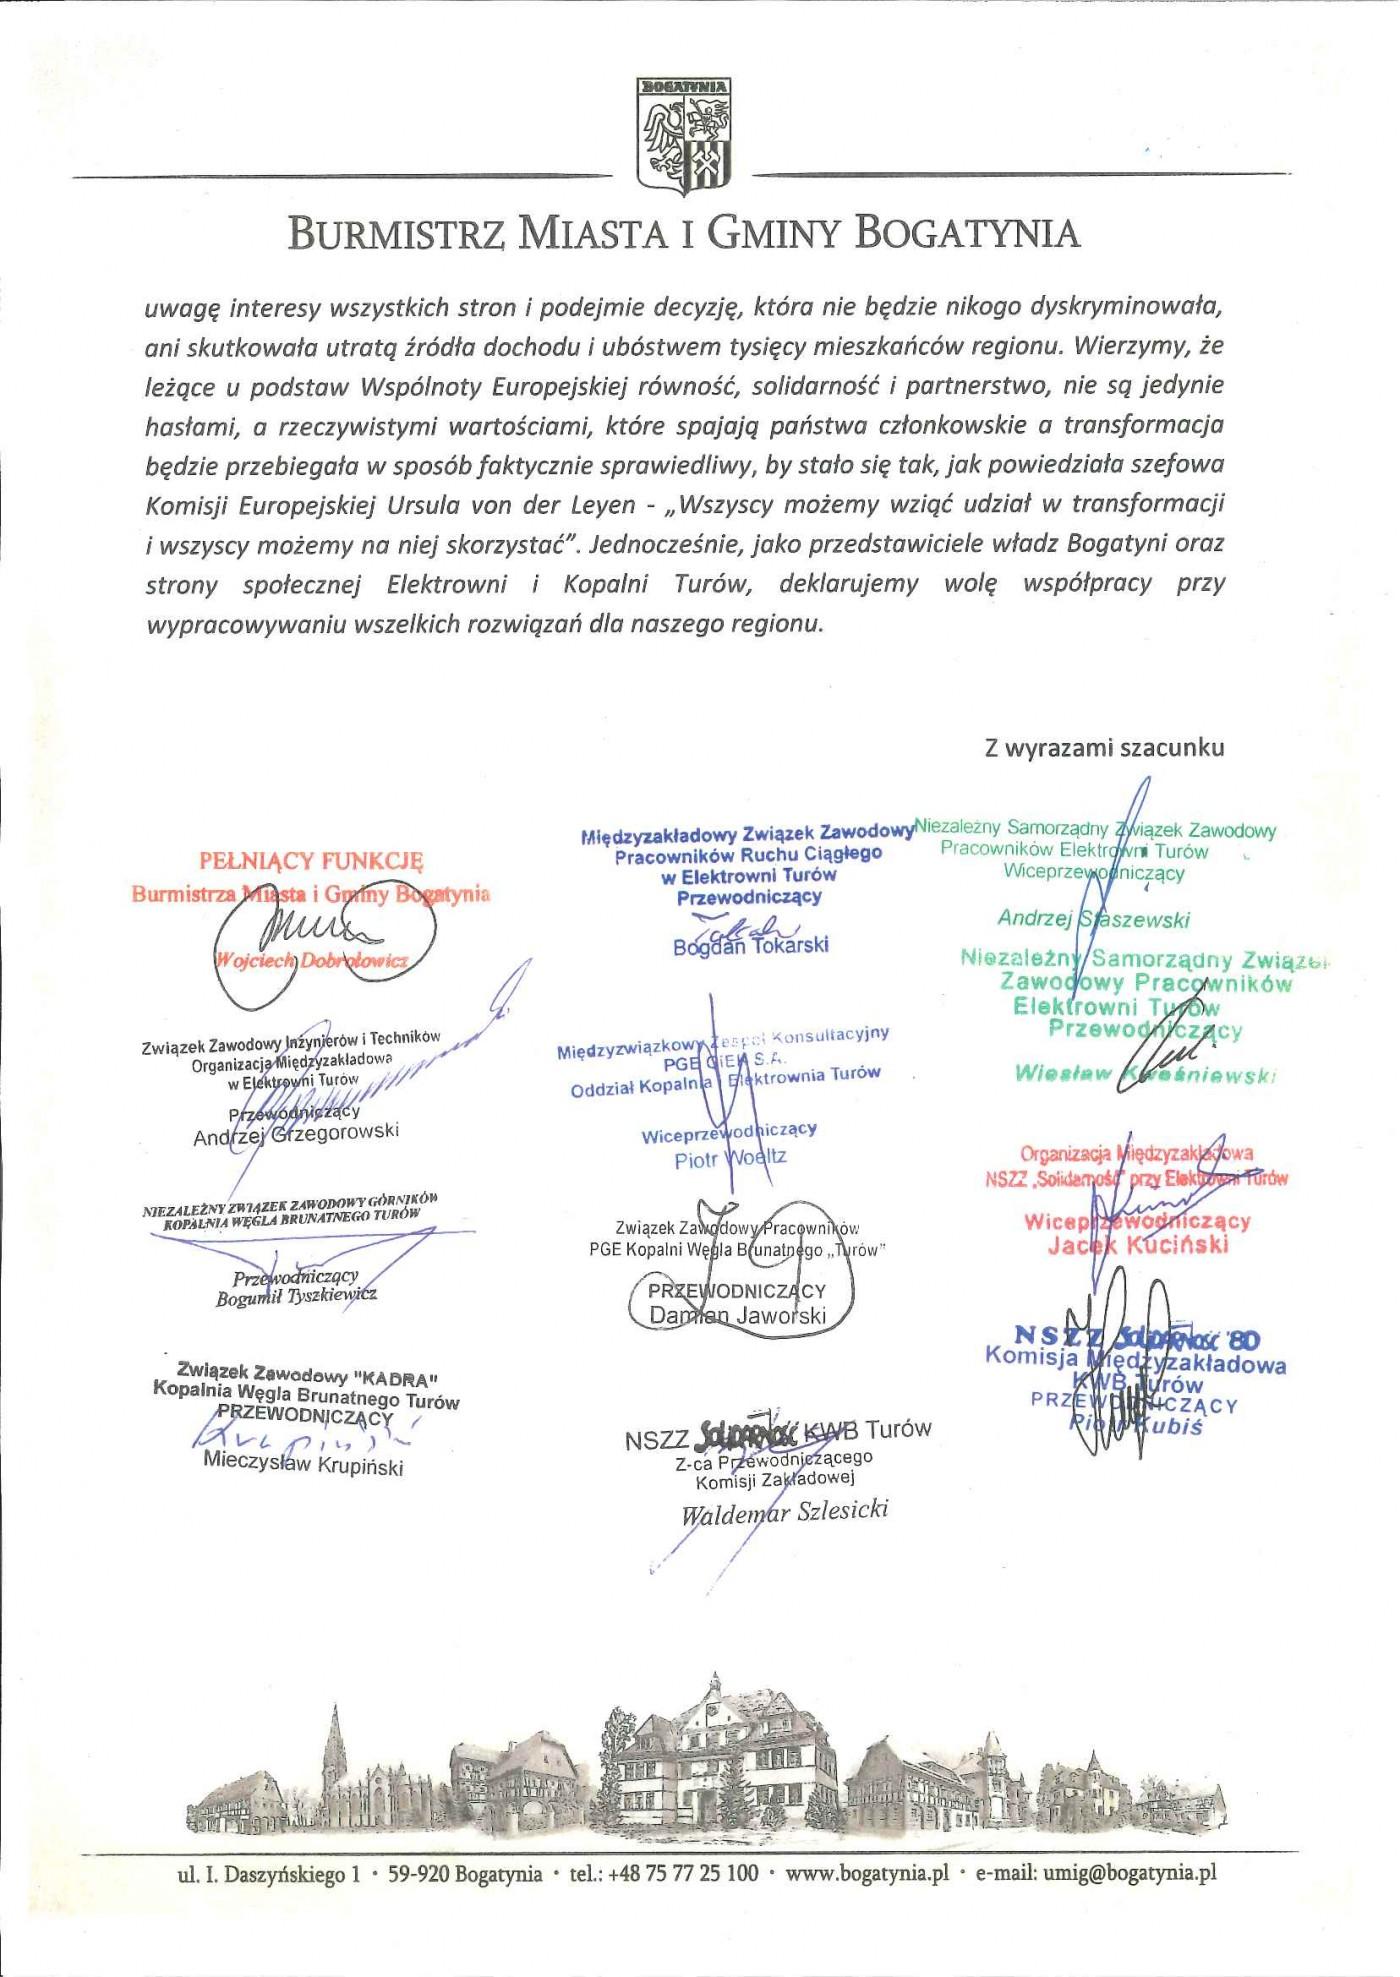 wspolne-stanowisko-burmistrza-mig-bogatynia-i-zwiazkow-zawodowych-w-sprawie-funkcjonowania-kompleksu-turow_strona_2.jpg